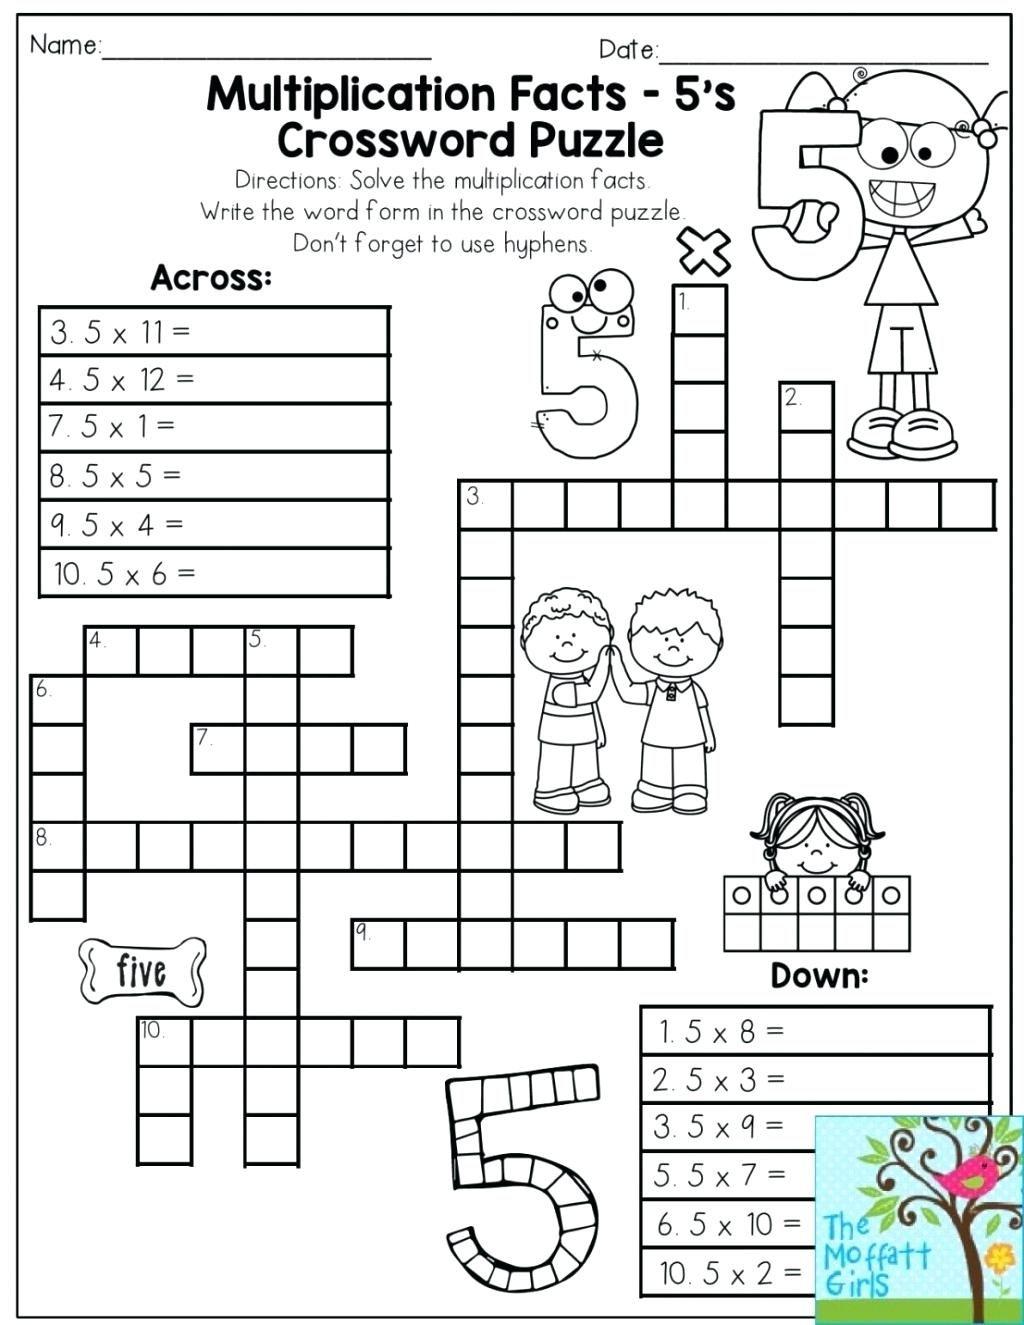 Printable Math Puzzles 5Th Grade Maths Ksheets Middle School Pdf Fun - Printable Maths Puzzles Ks3